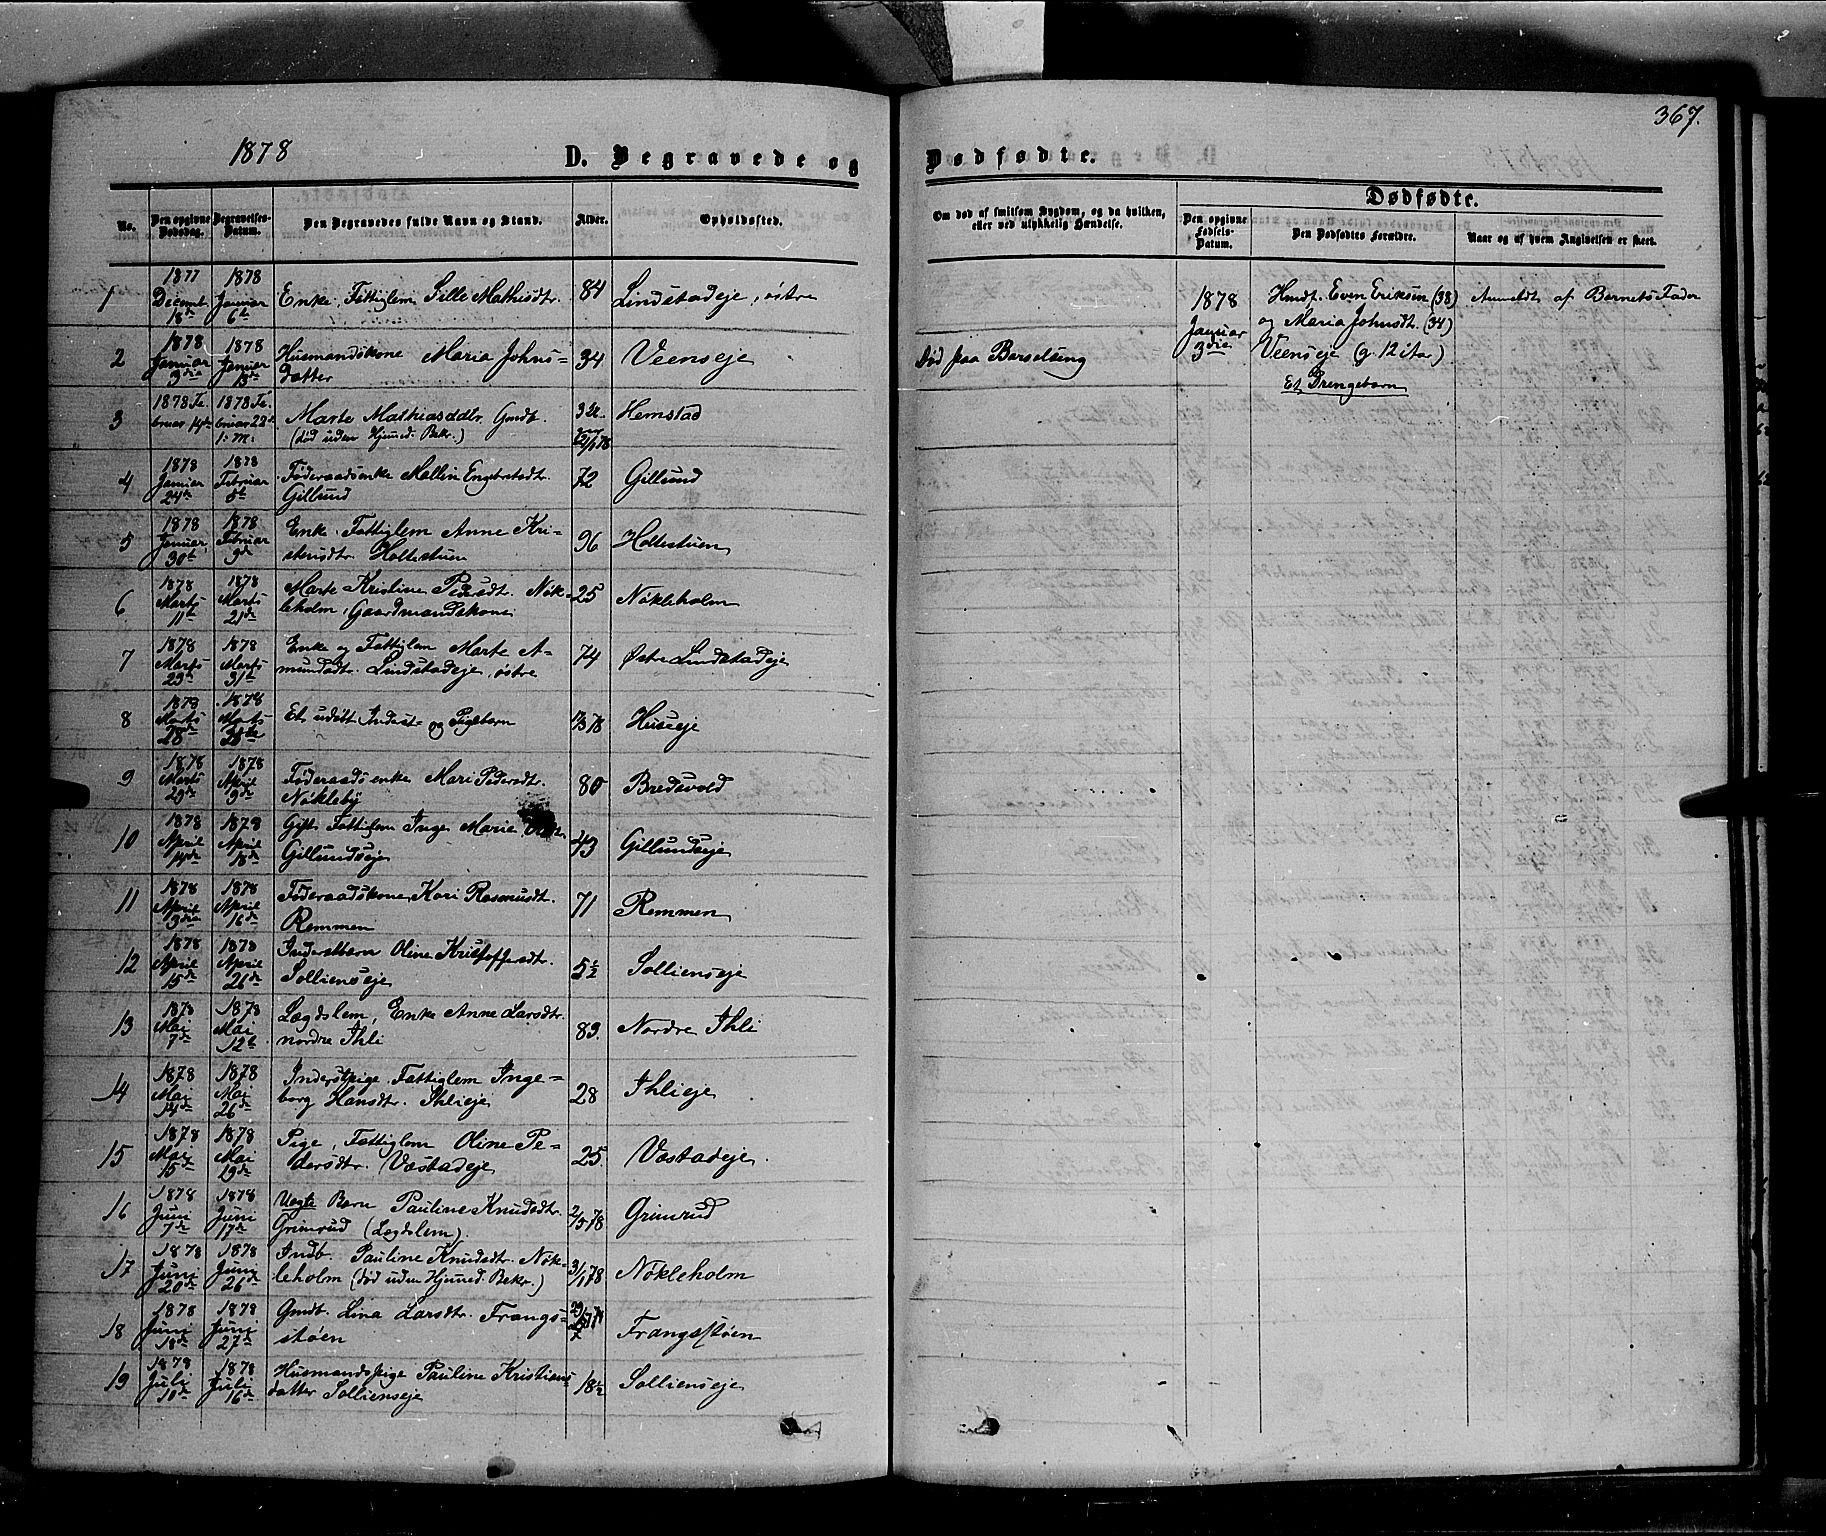 SAH, Stange prestekontor, K/L0013: Parish register (official) no. 13, 1862-1879, p. 367